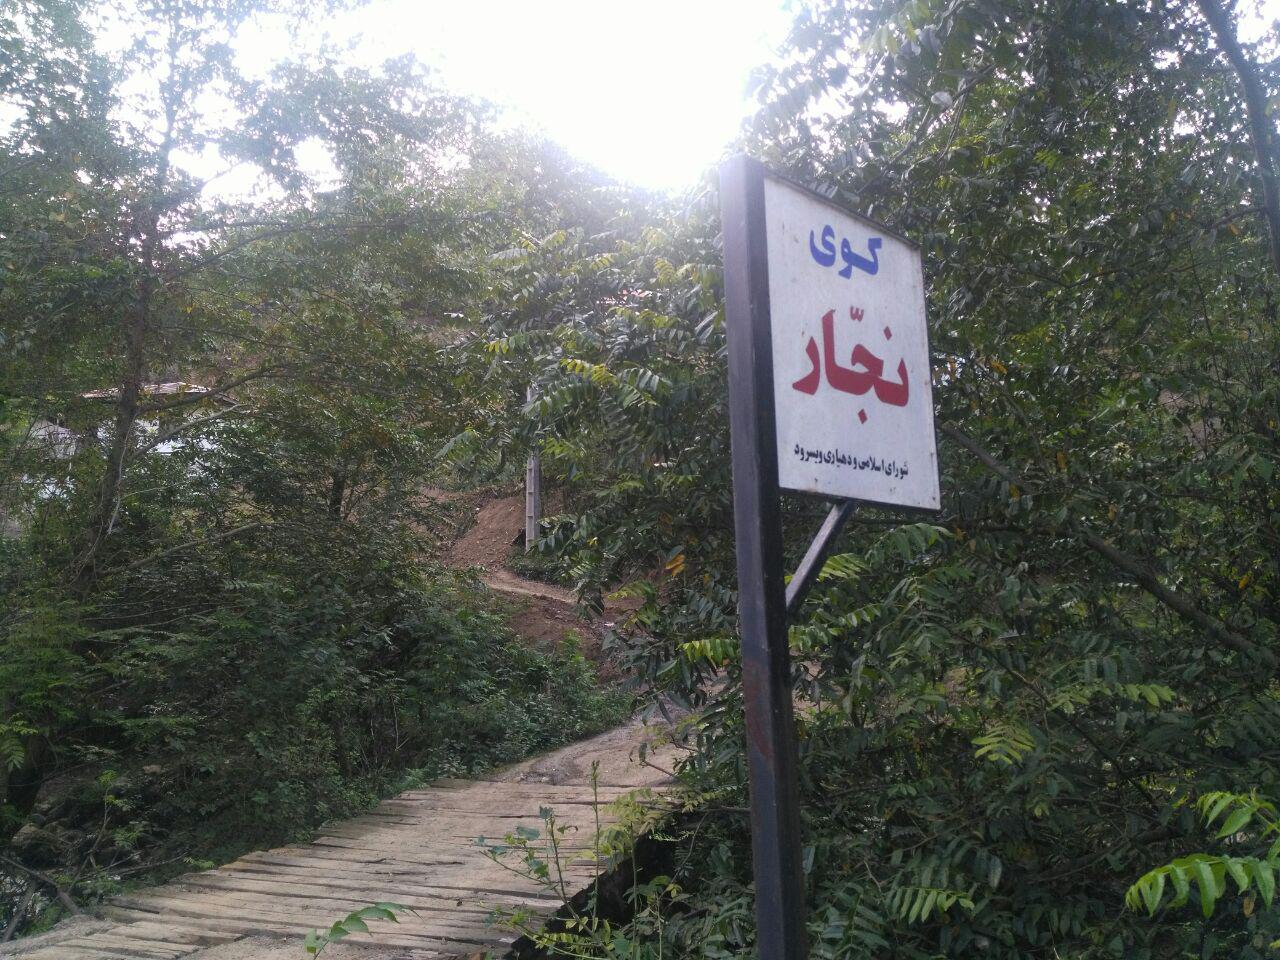 اختصاصی/معرفی متجاوز به عرصه ملی جنگلی در ویسرود شفت به محاکم قضائی